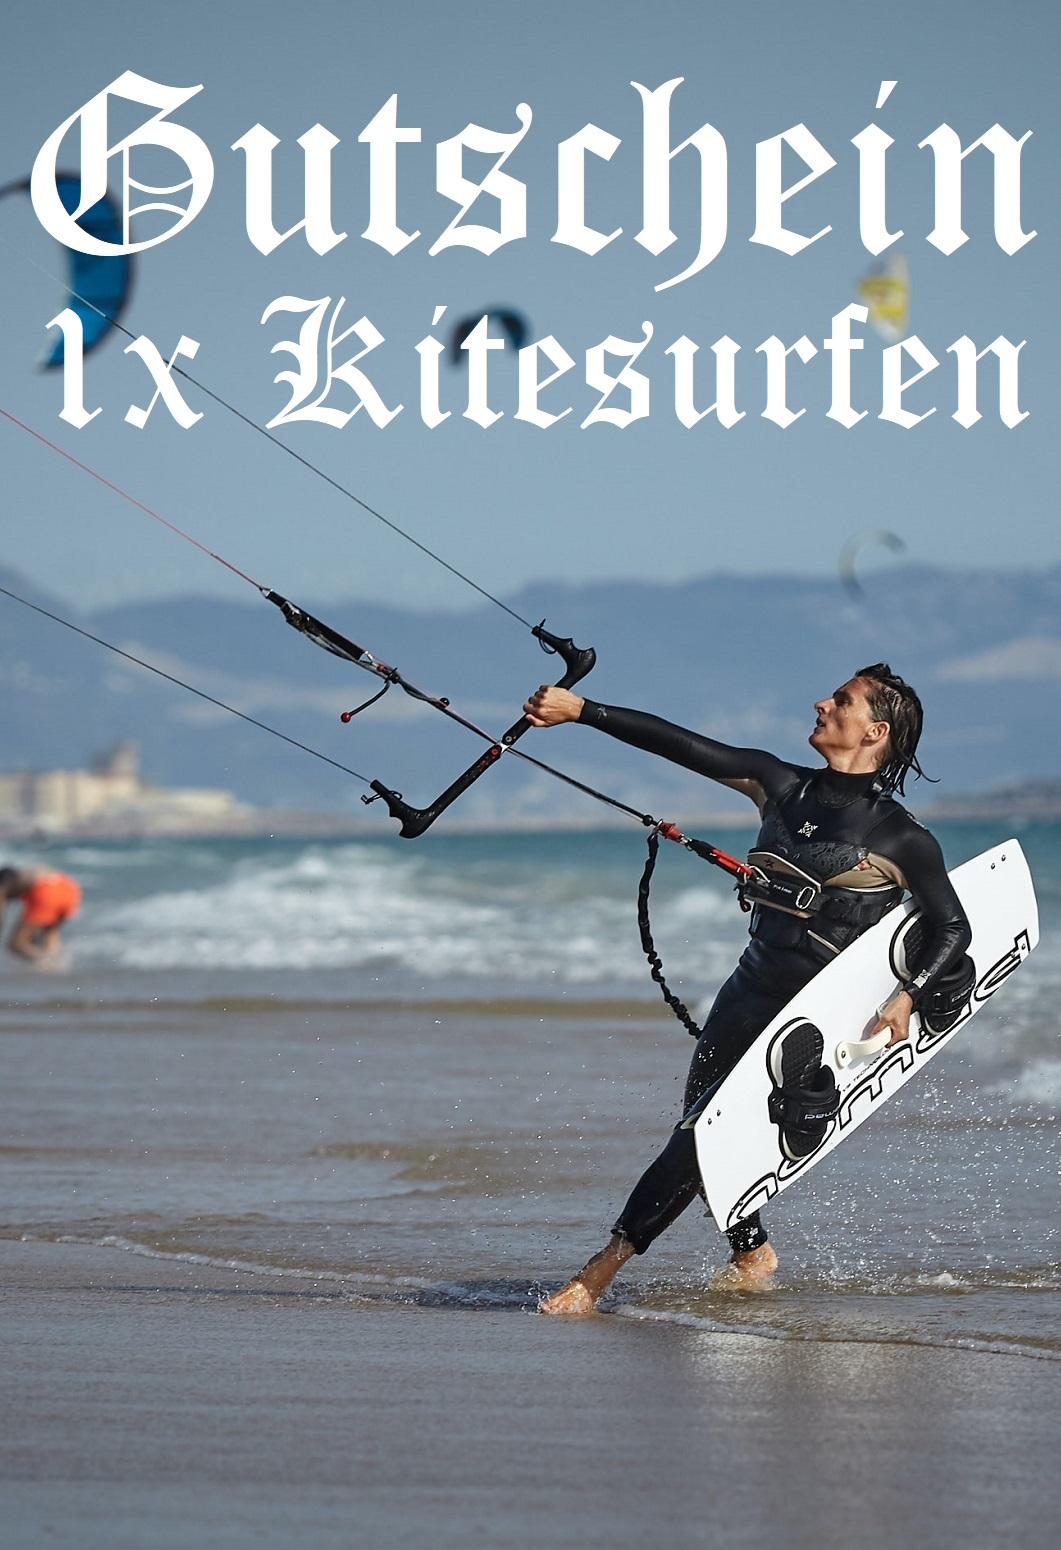 Gutscheinvorlage fürs Kitesurfen